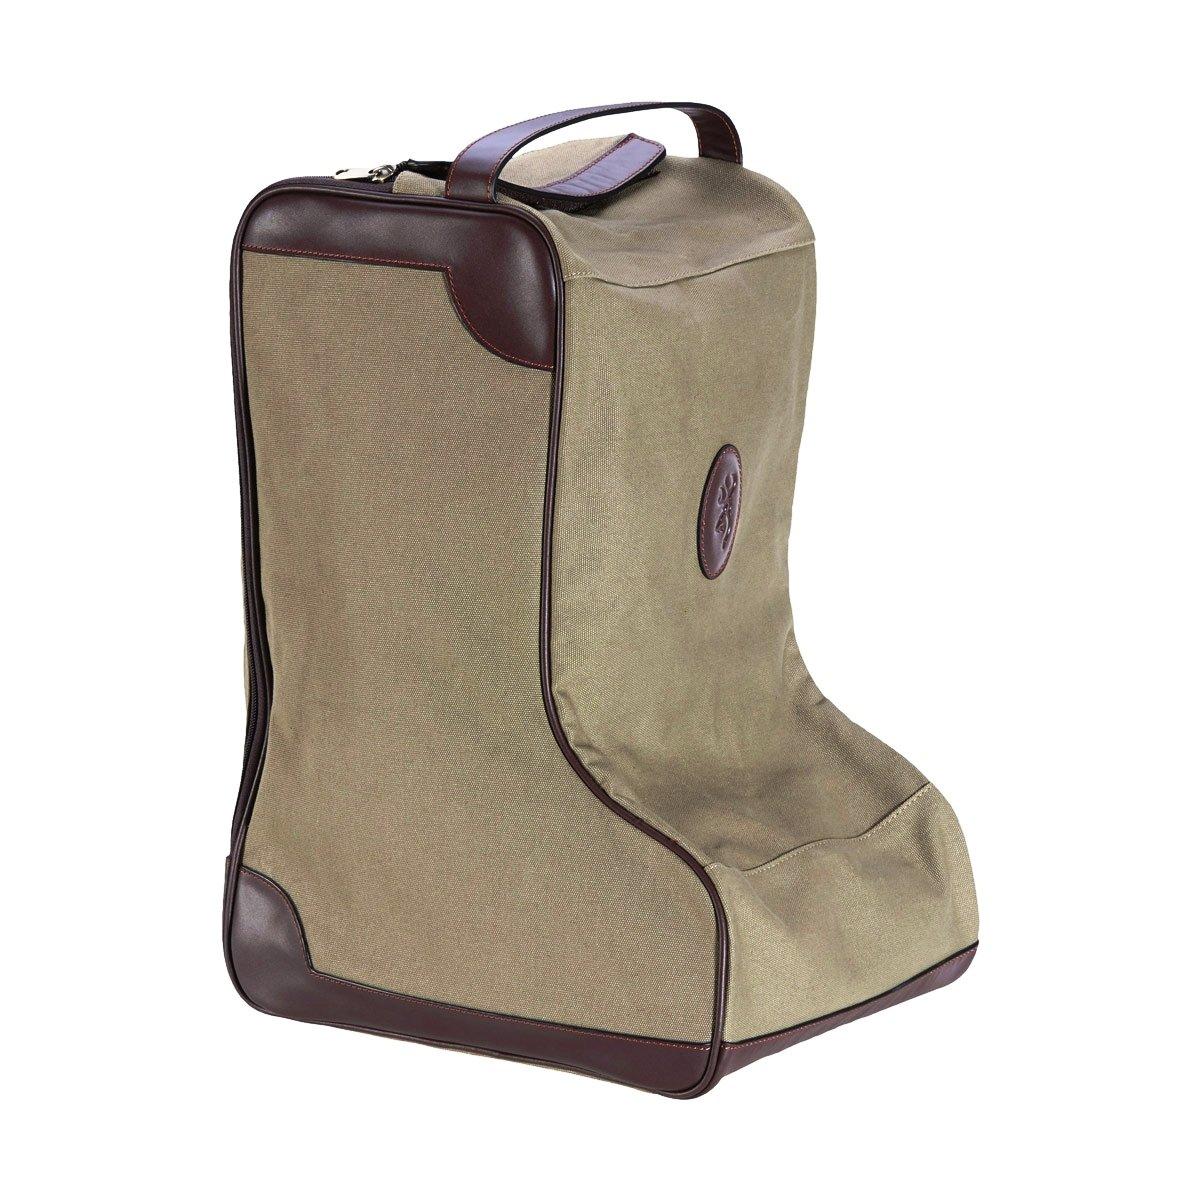 Browning Heritage bolsa para botas de fútbol: Amazon.es: Jardín